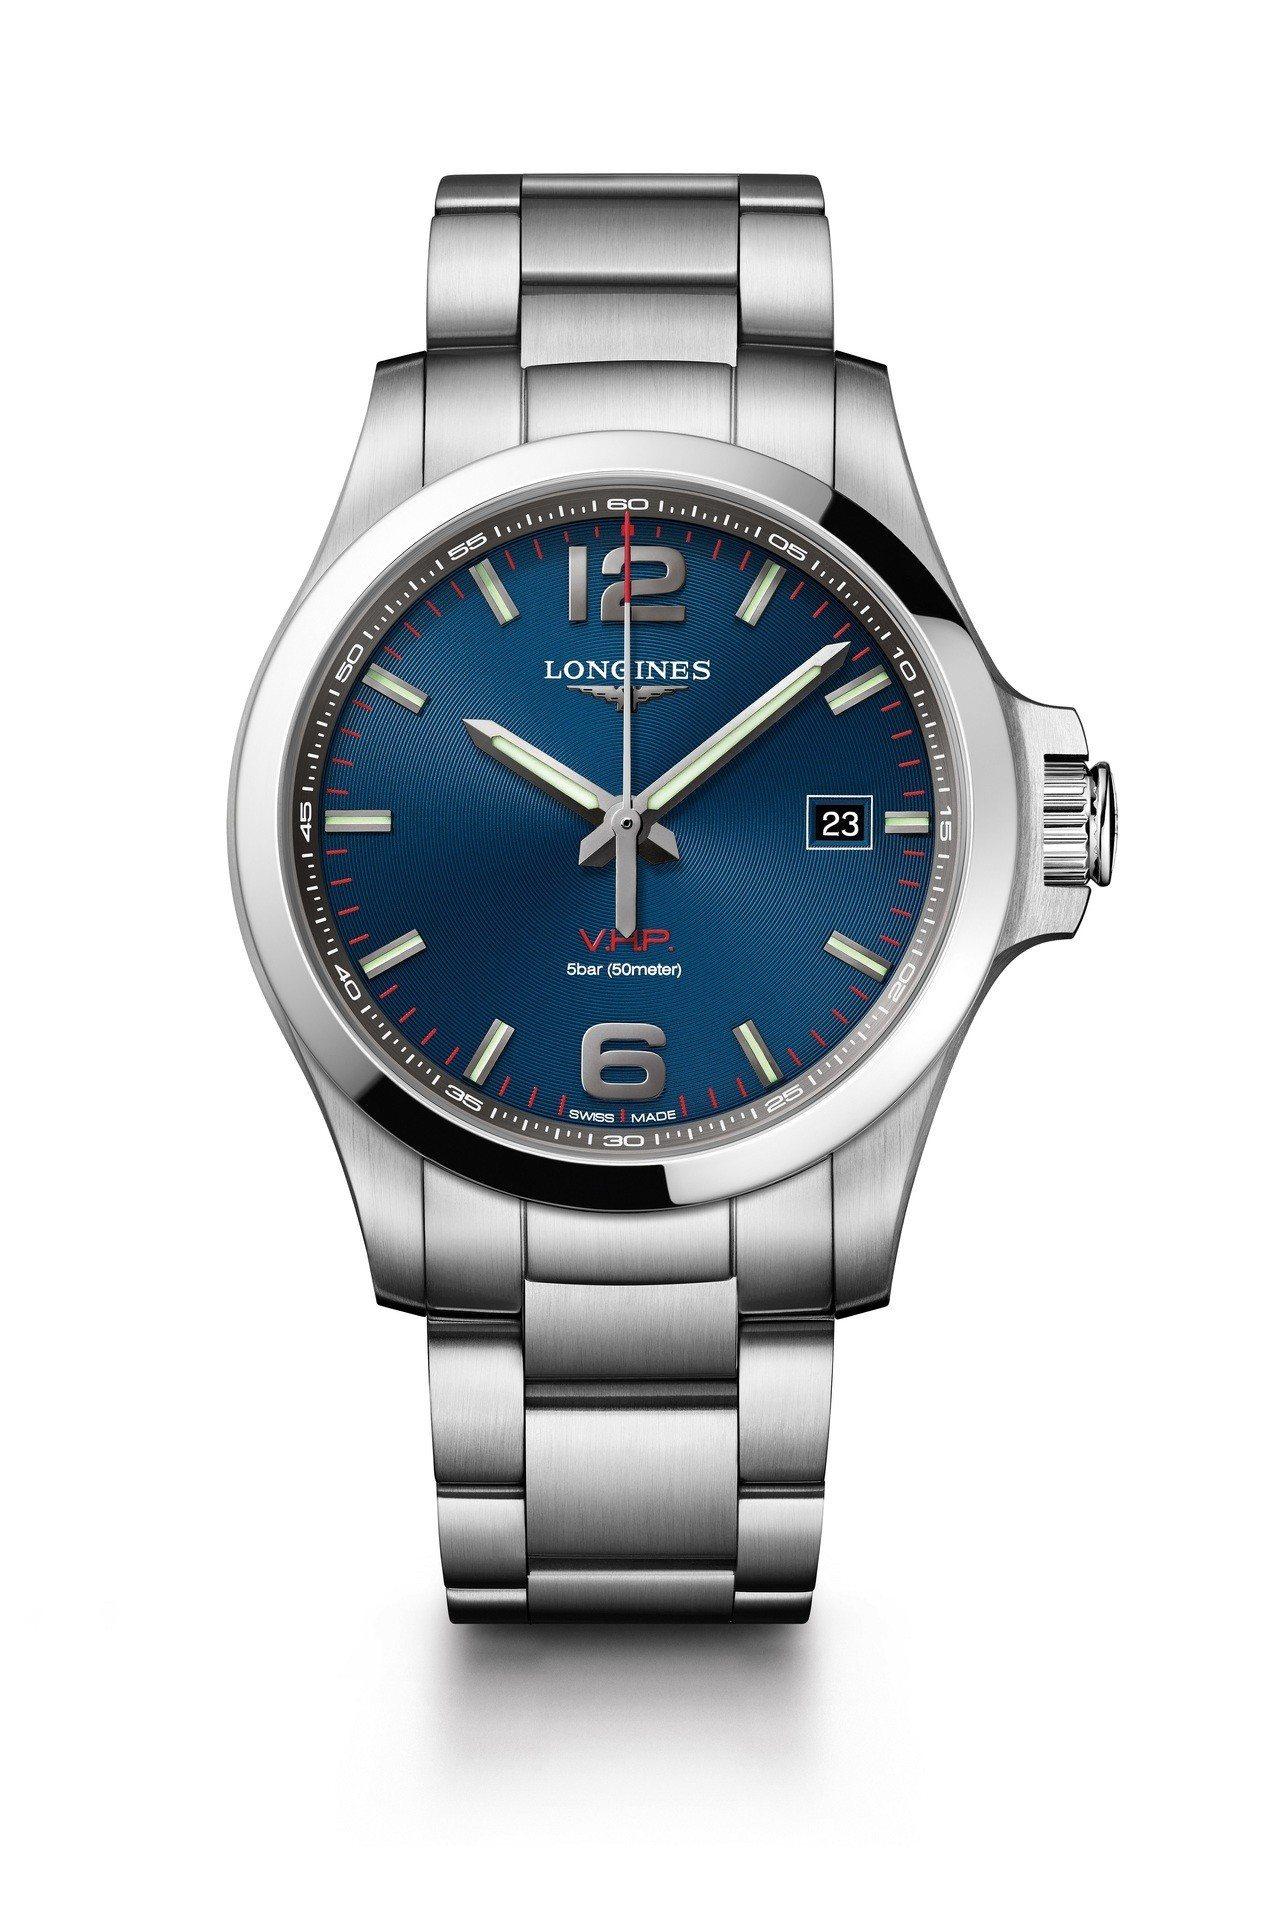 浪琴表征服者系列 V.H.P.大三針腕表,藍面 (L3.726.4.96.6),...